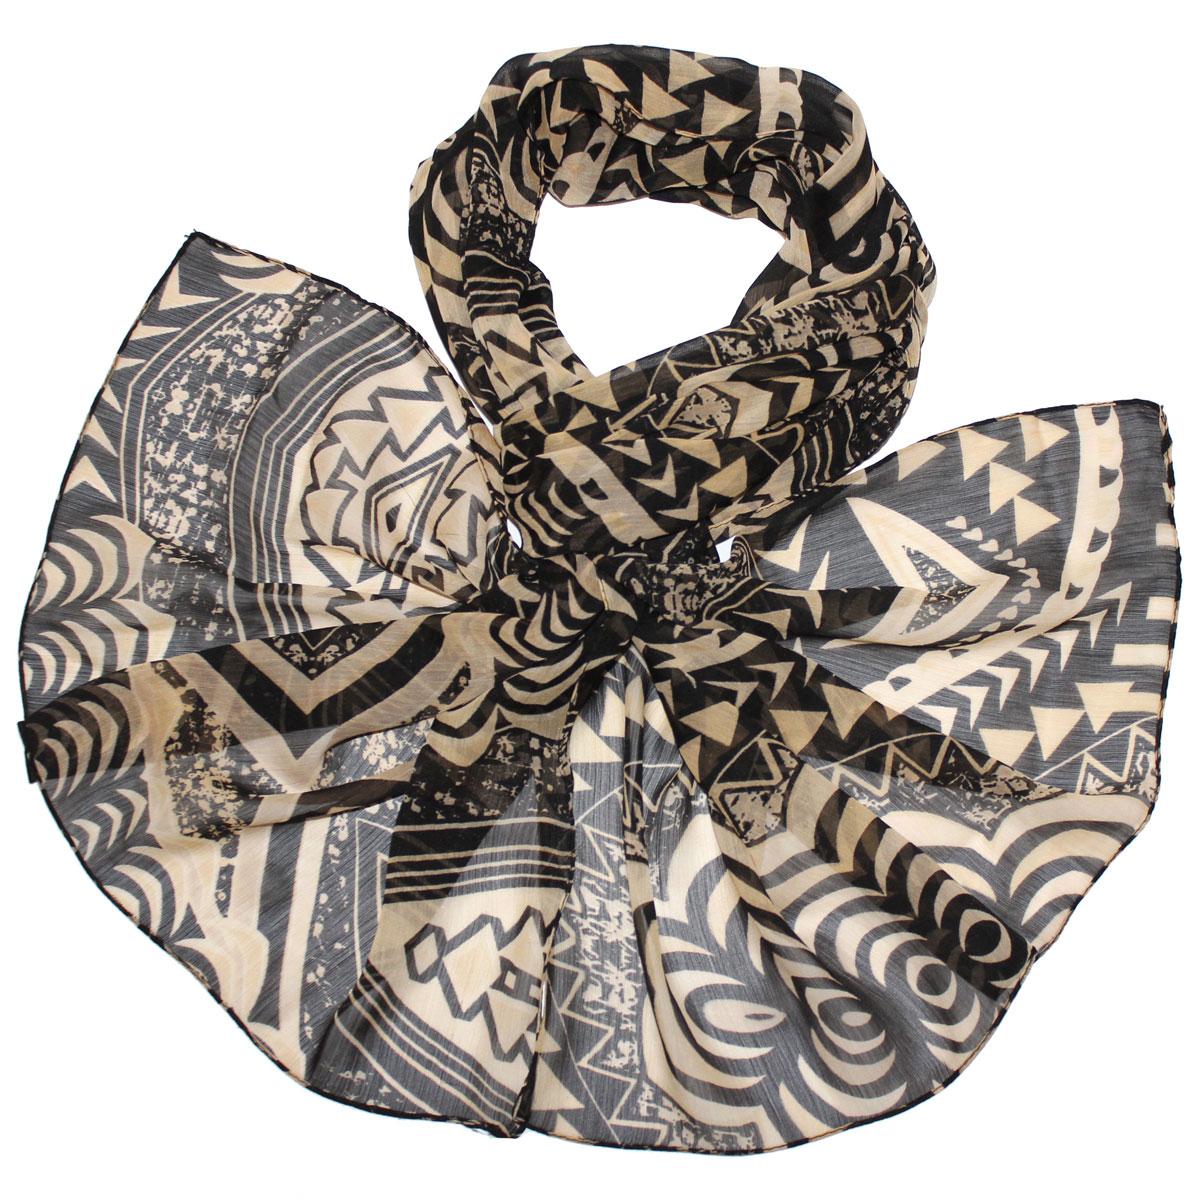 Шарф262040Женский шарф Ethnica, изготовленный из вискозы, подчеркнет вашу индивидуальность. Благодаря своему составу, он легкий, мягкий и приятный на ощупь. Изделие оформлено орнаментом по всей поверхности. Такой аксессуар станет стильным дополнением к гардеробу современной женщины.